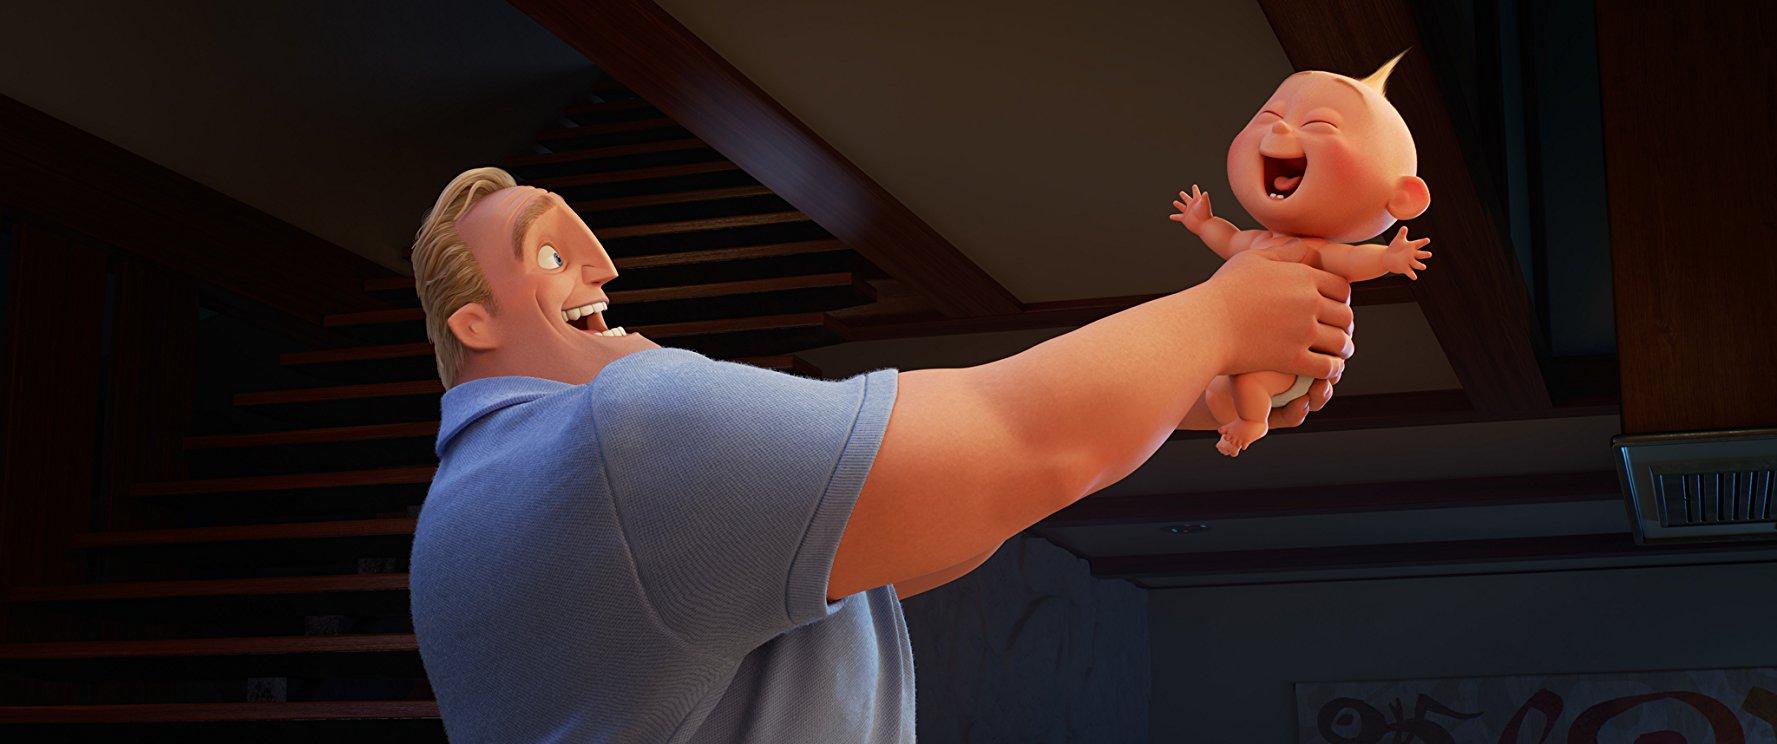 Jack jack : le cadet des indestructibles et la fraicheur du dessin animé